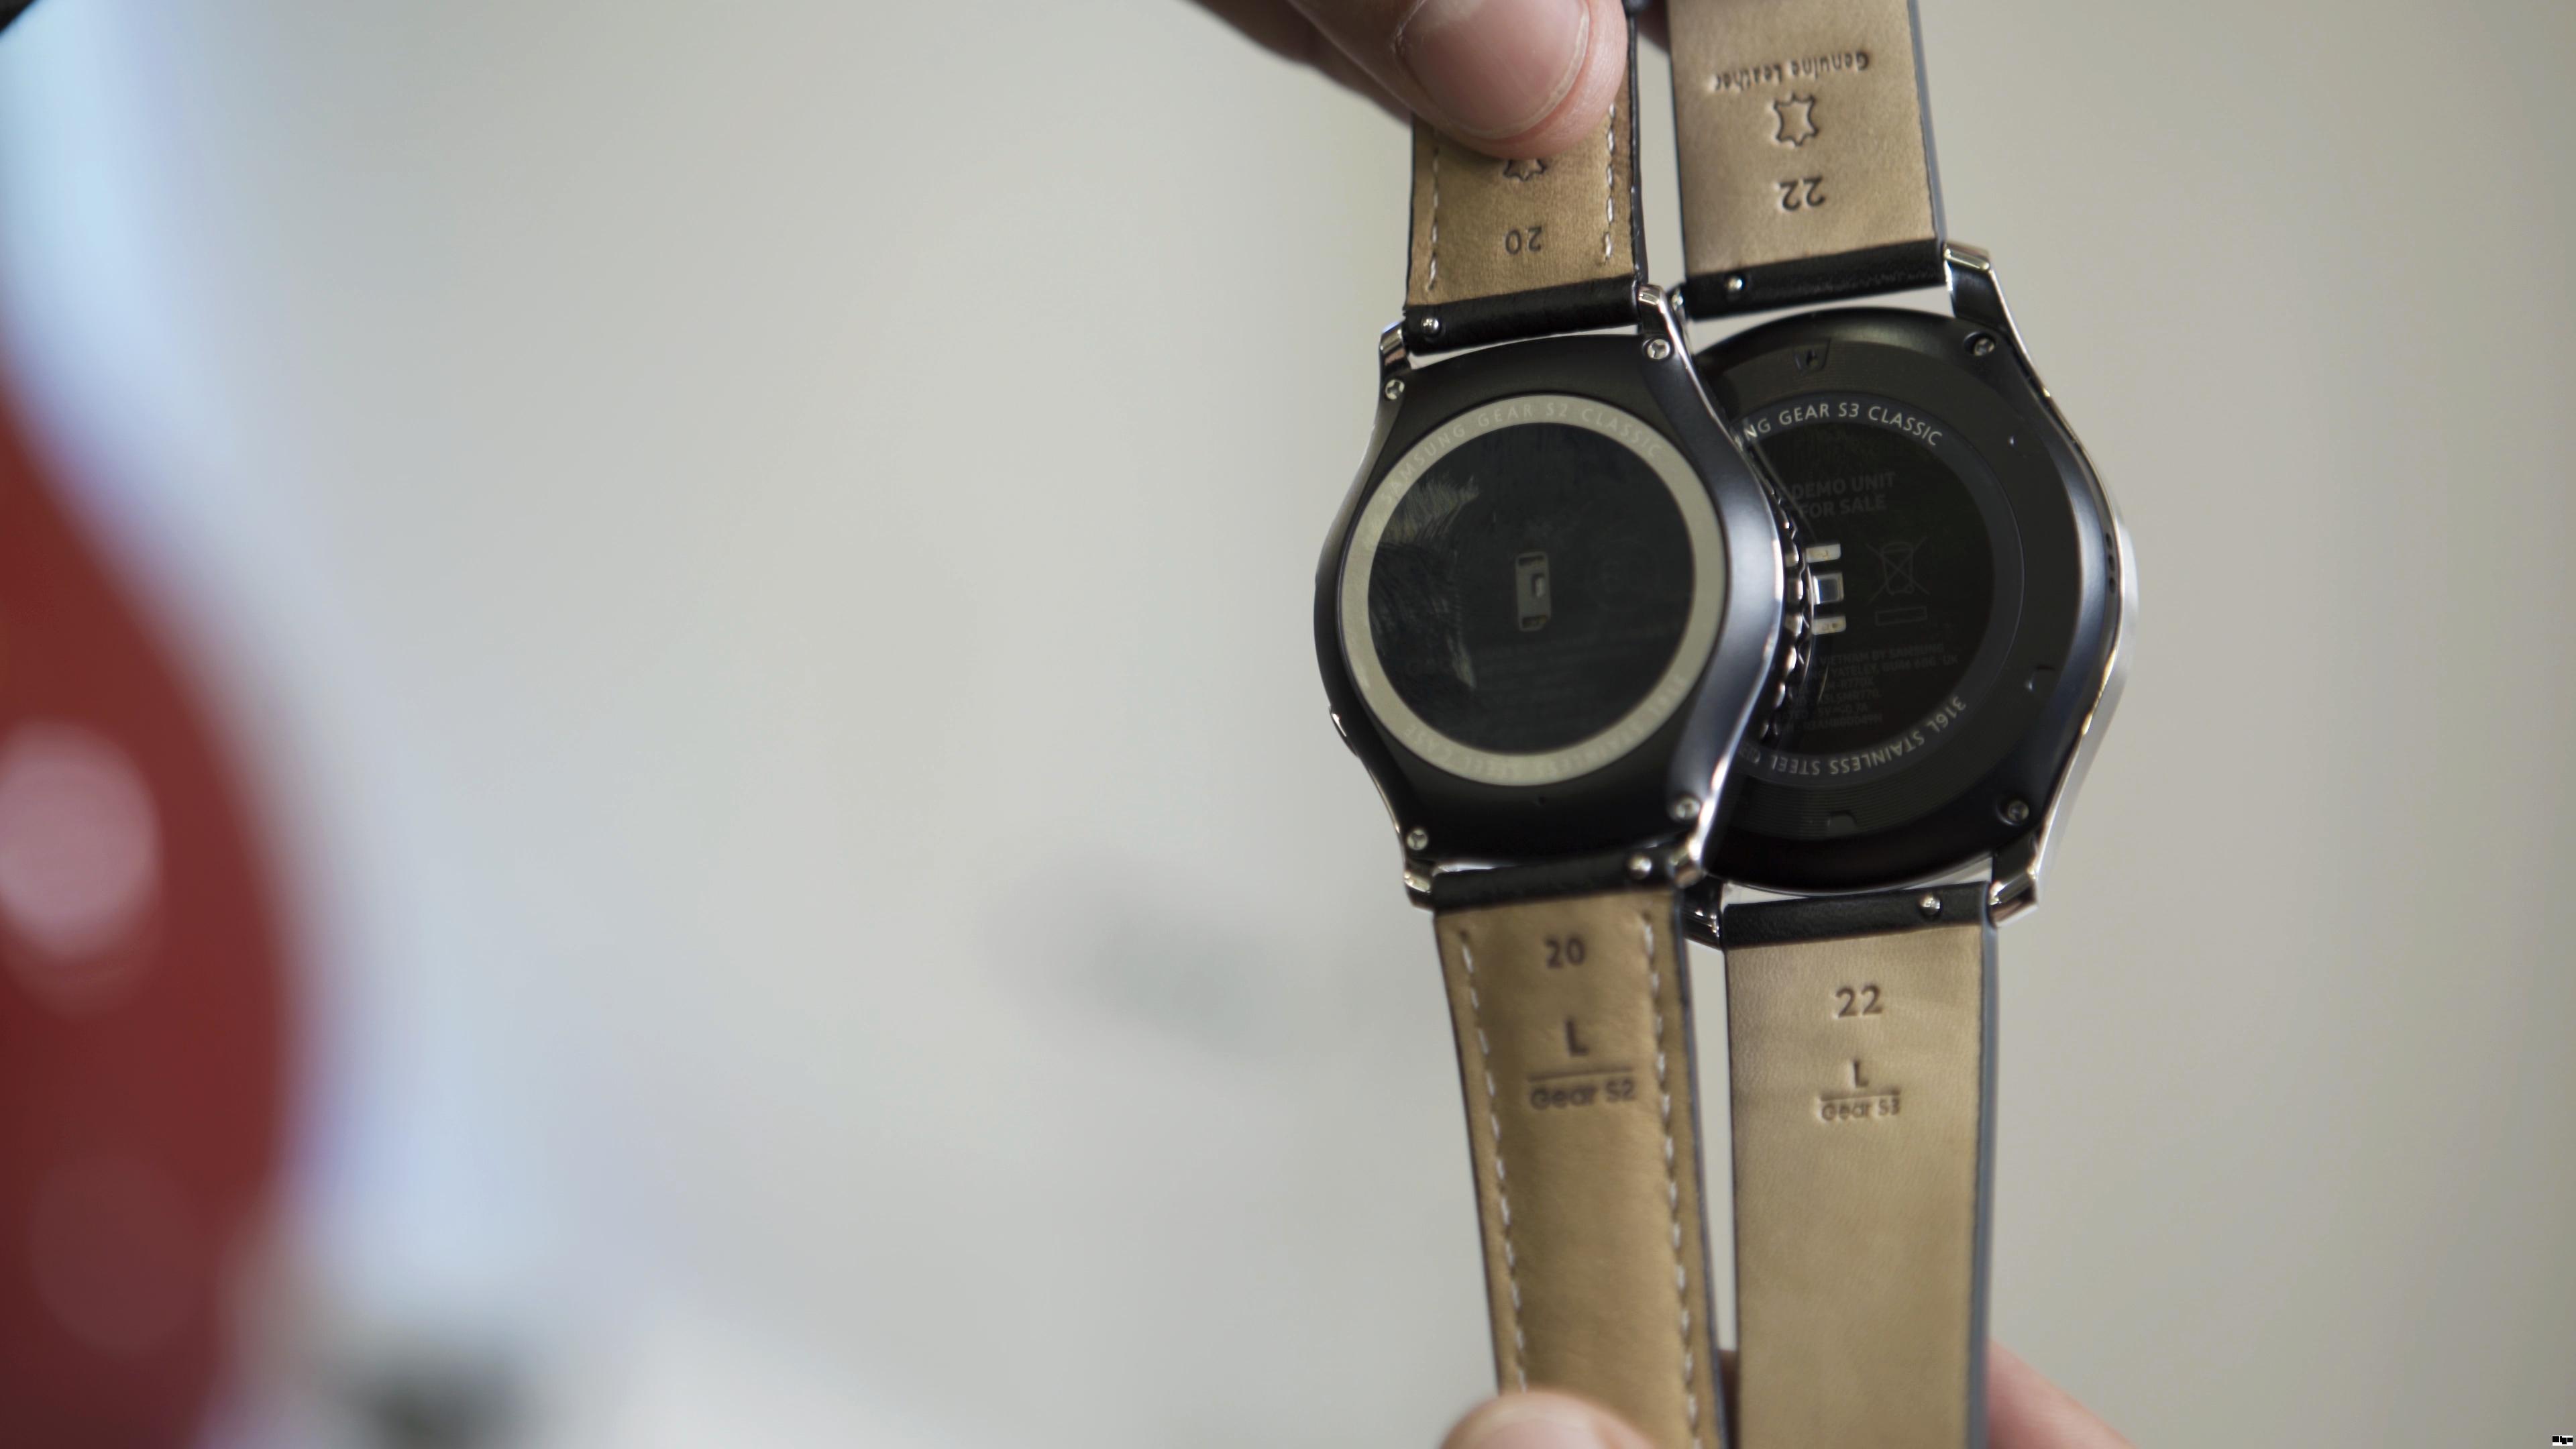 Samsung Gear S3 Release Technische Daten Bilder Und Preis Alle Classic Silver Im Hands On 5